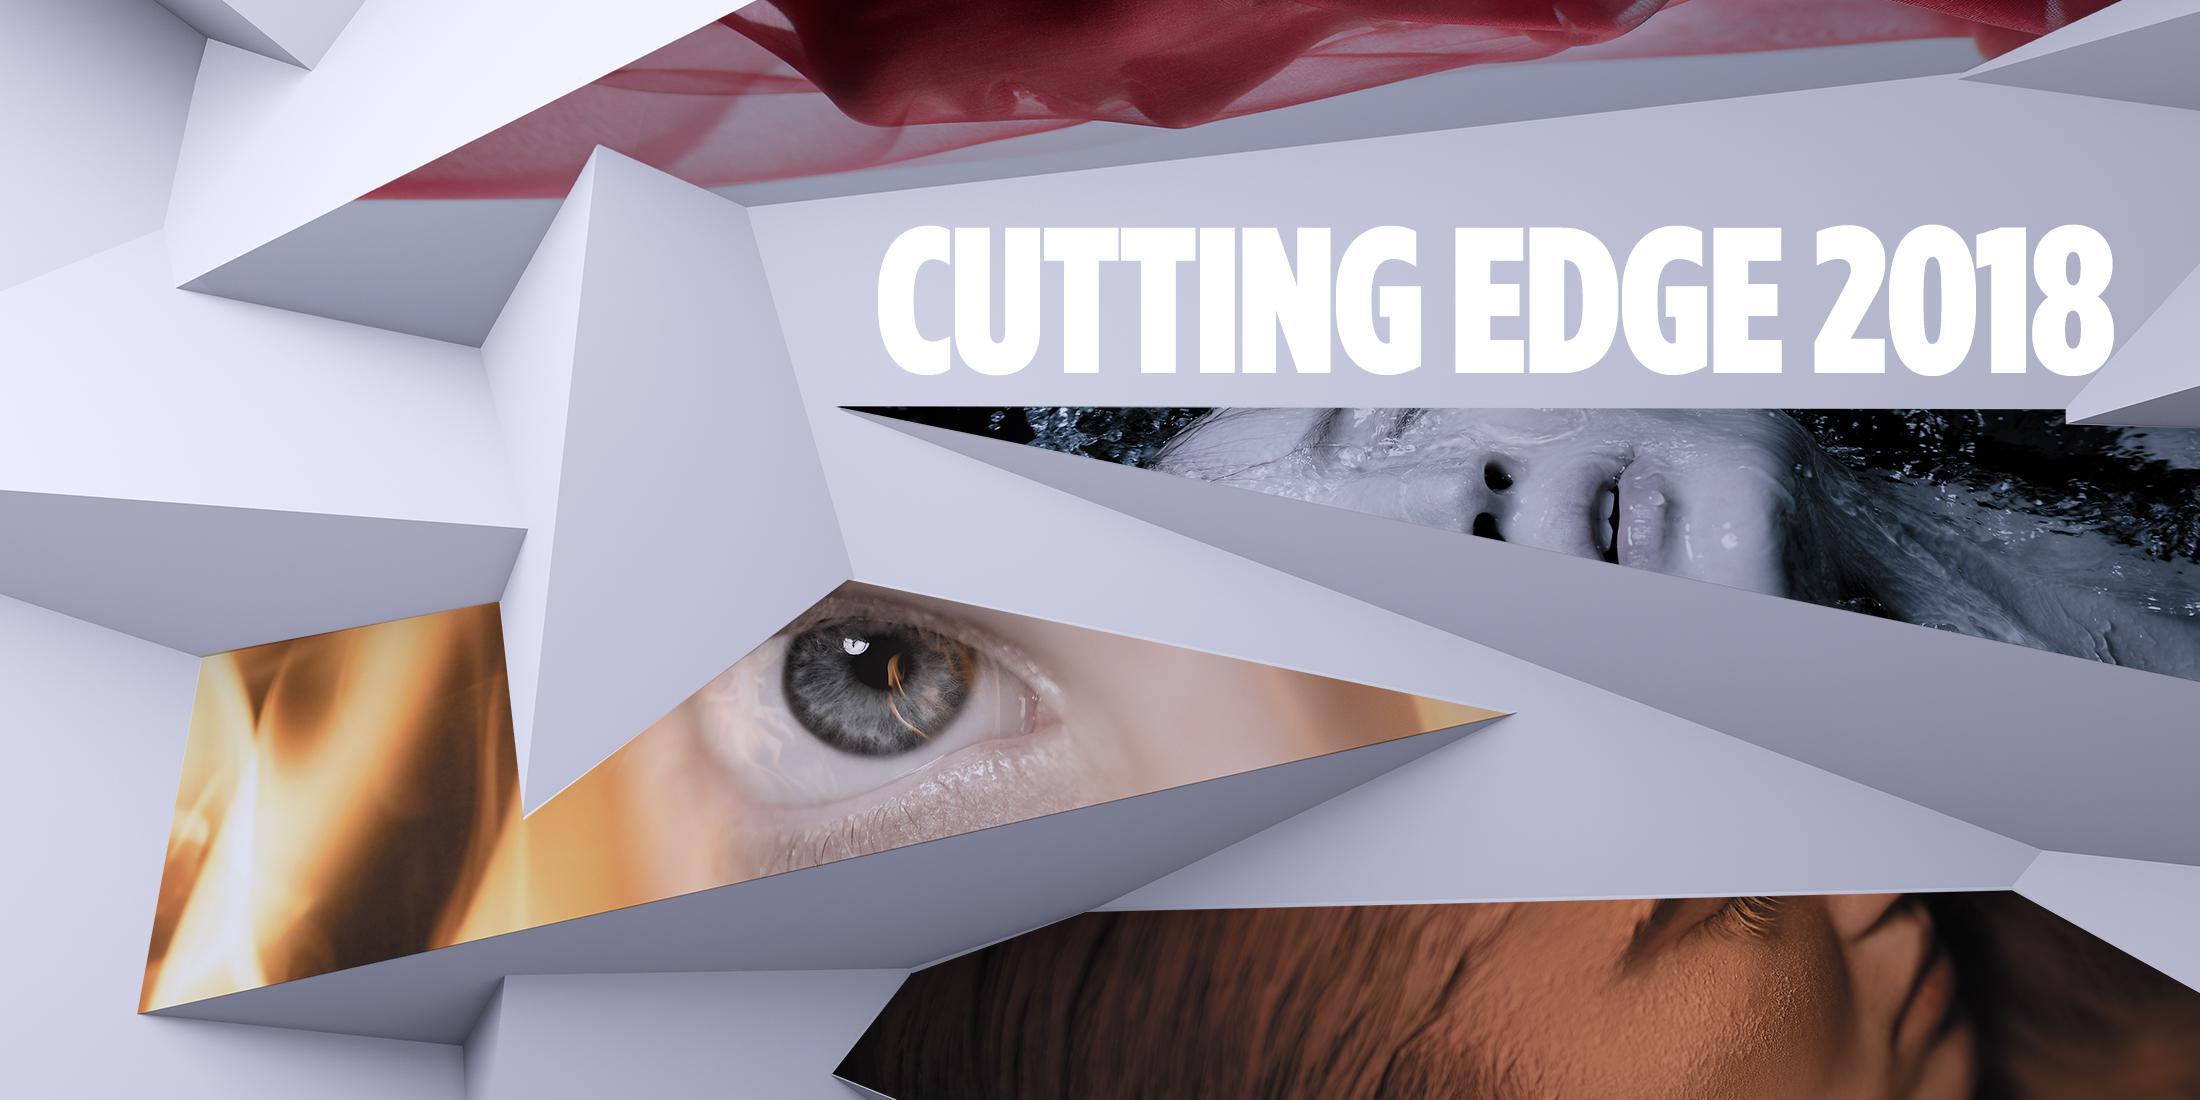 Cutting Edge 2018 - Canon - Venlo